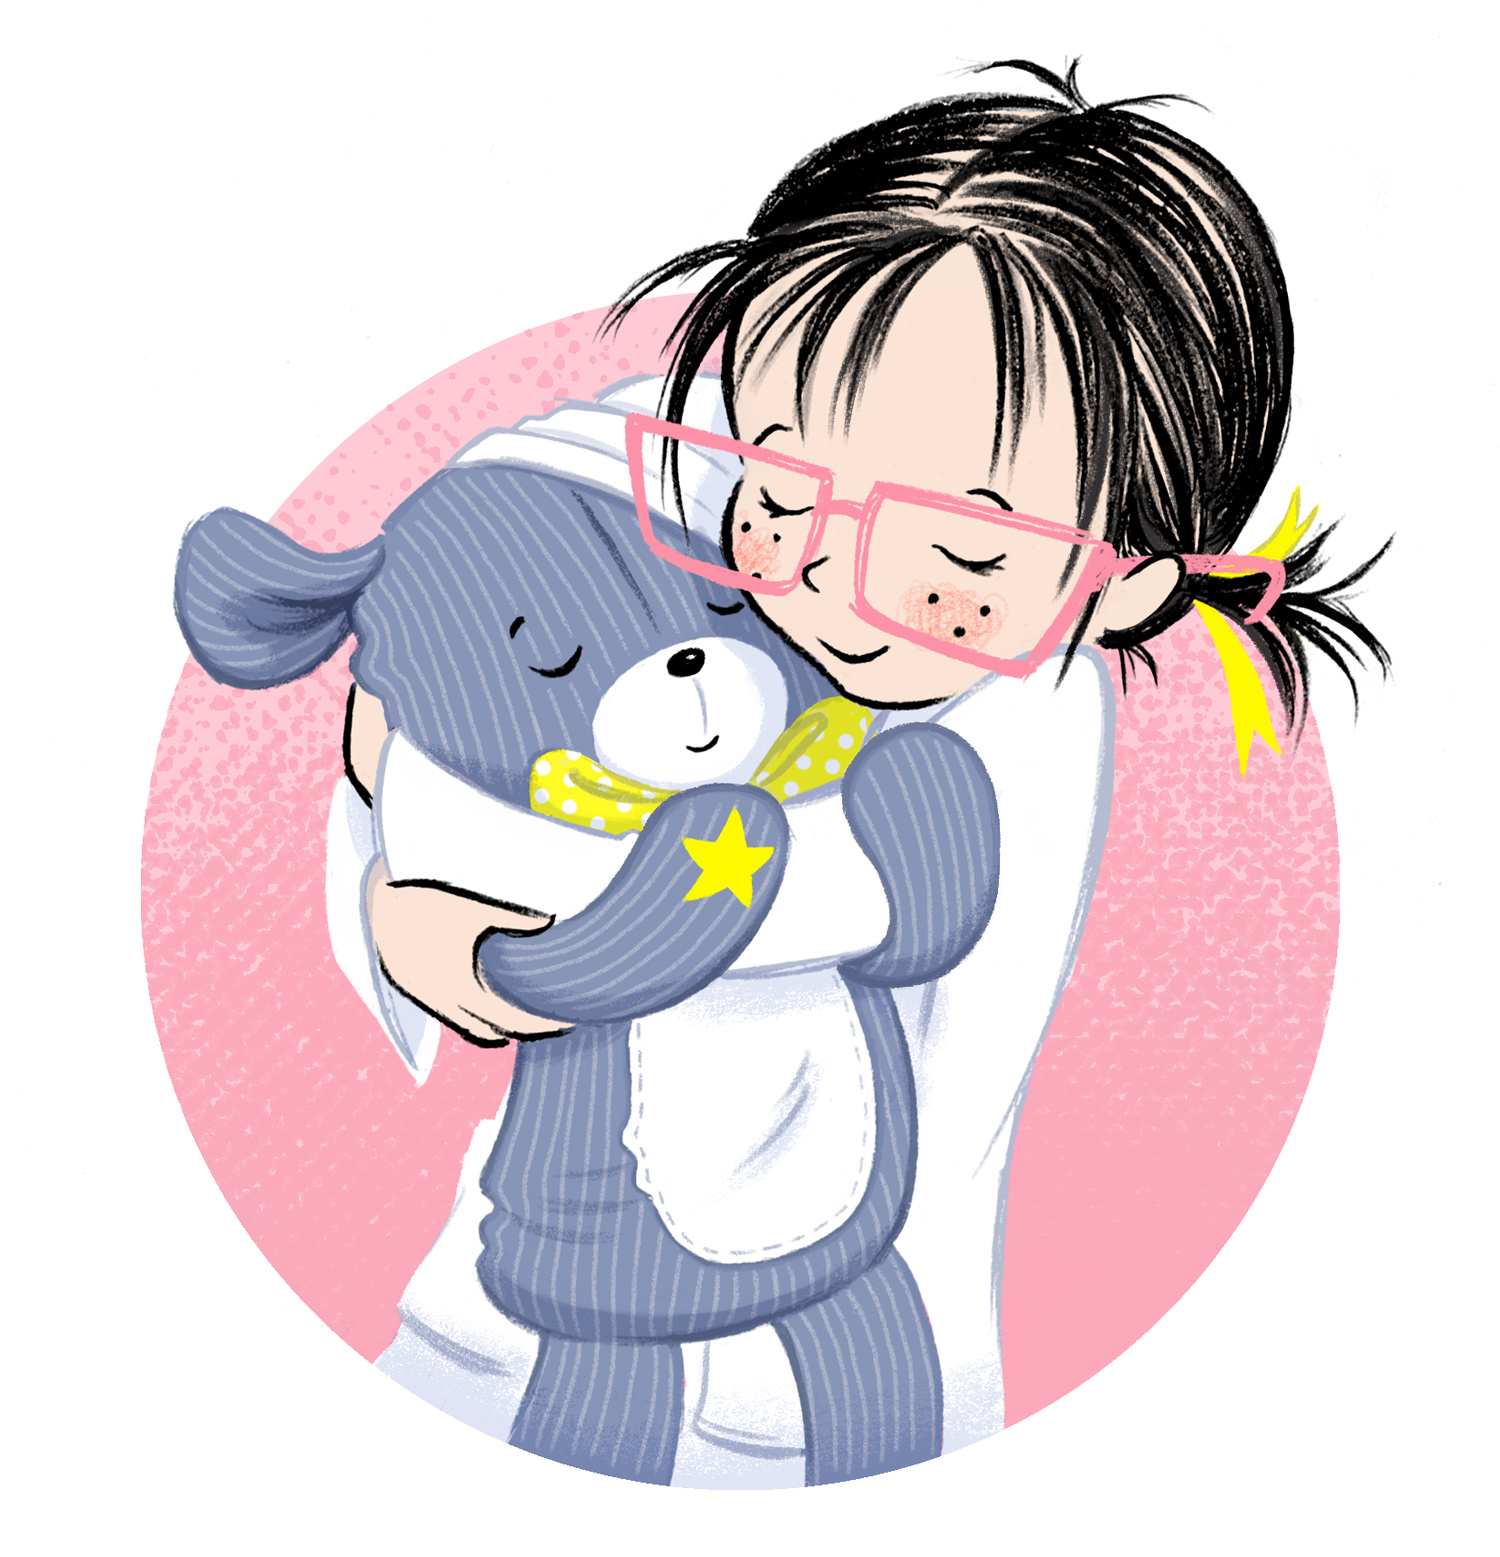 BAAnimalHosp_Hug.jpg